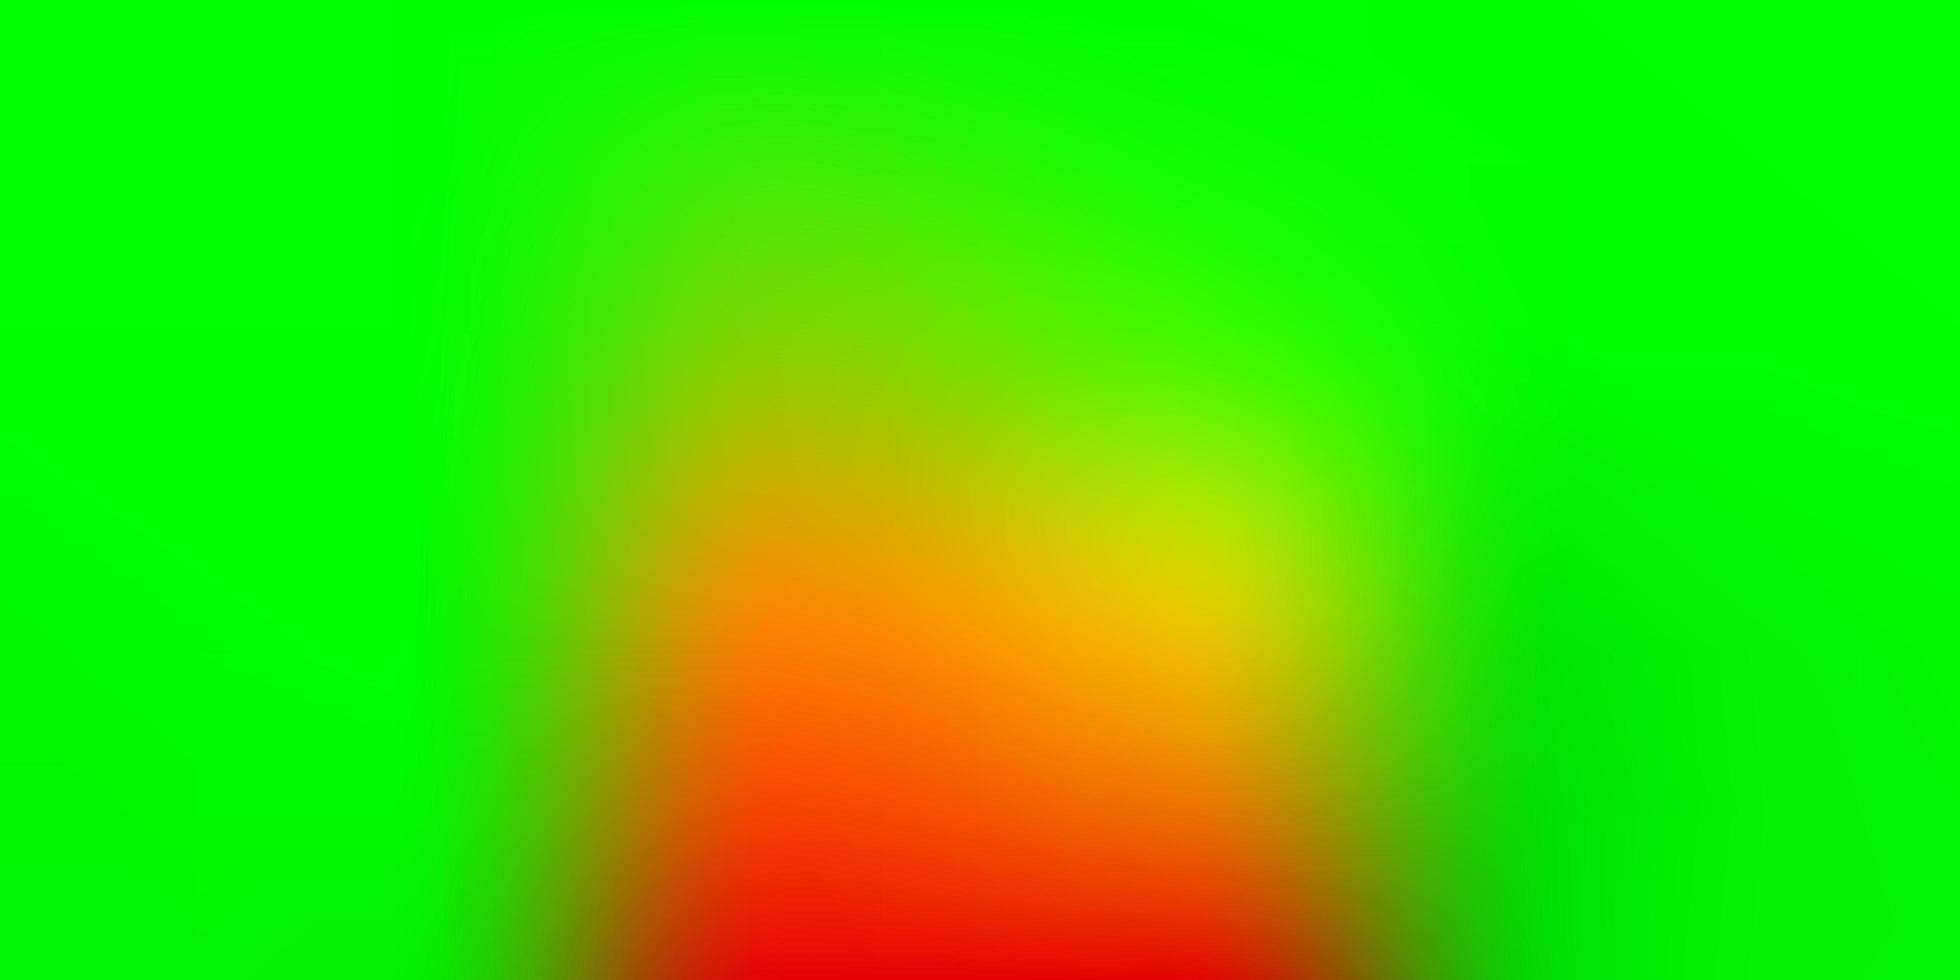 Light Green, Red vector gradient blur texture.